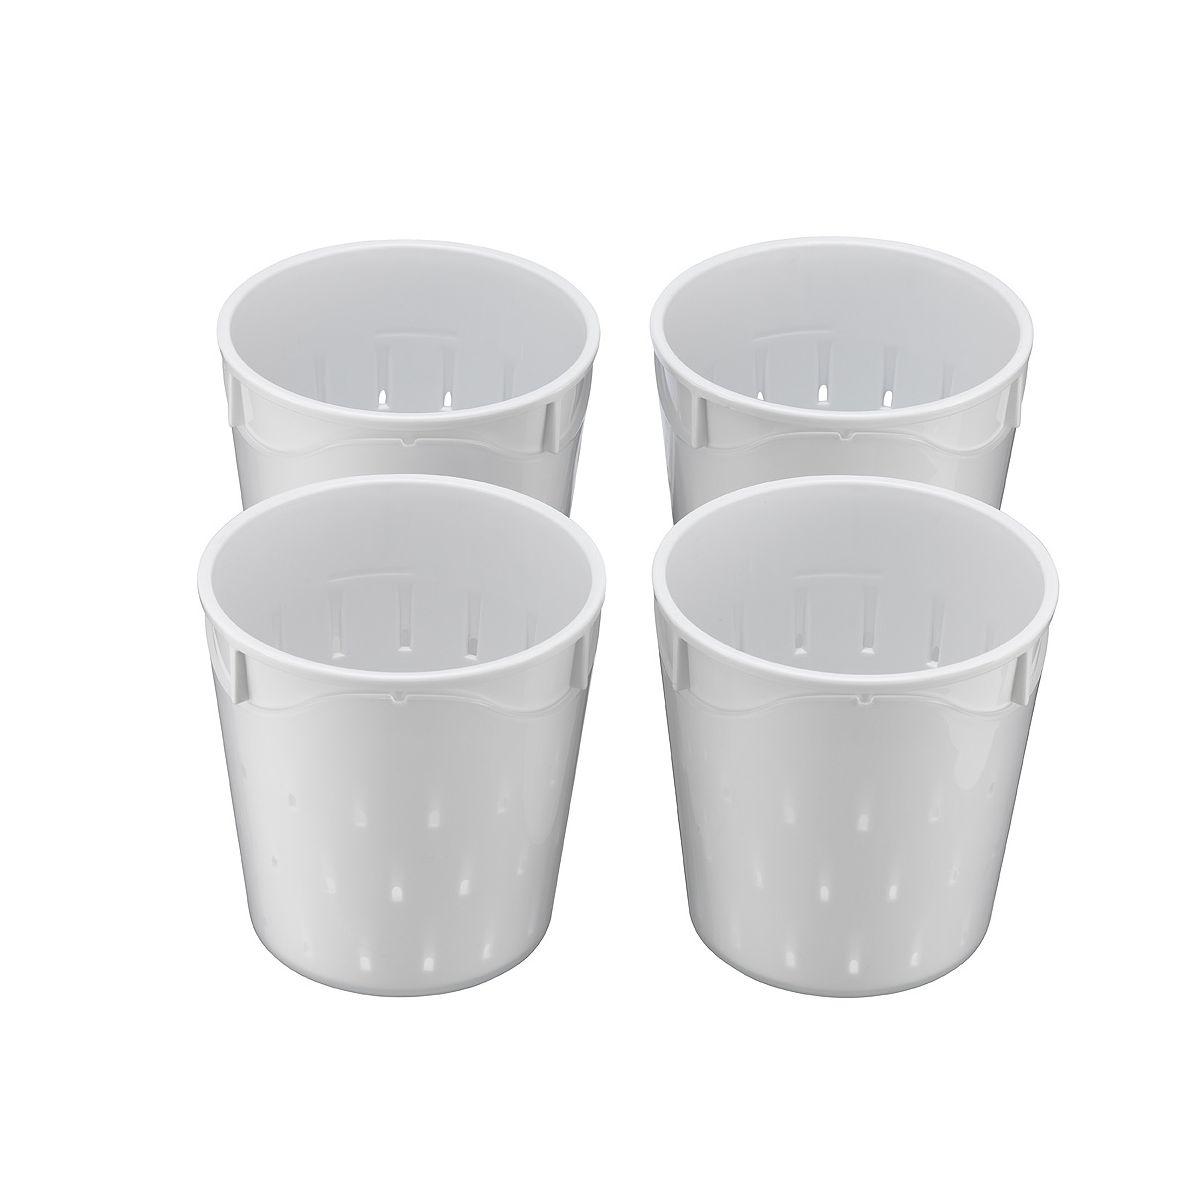 Pots lagrange 4 petites faisselles 0.25 l - 7% de remise immédiate avec le code : cool7 (photo)